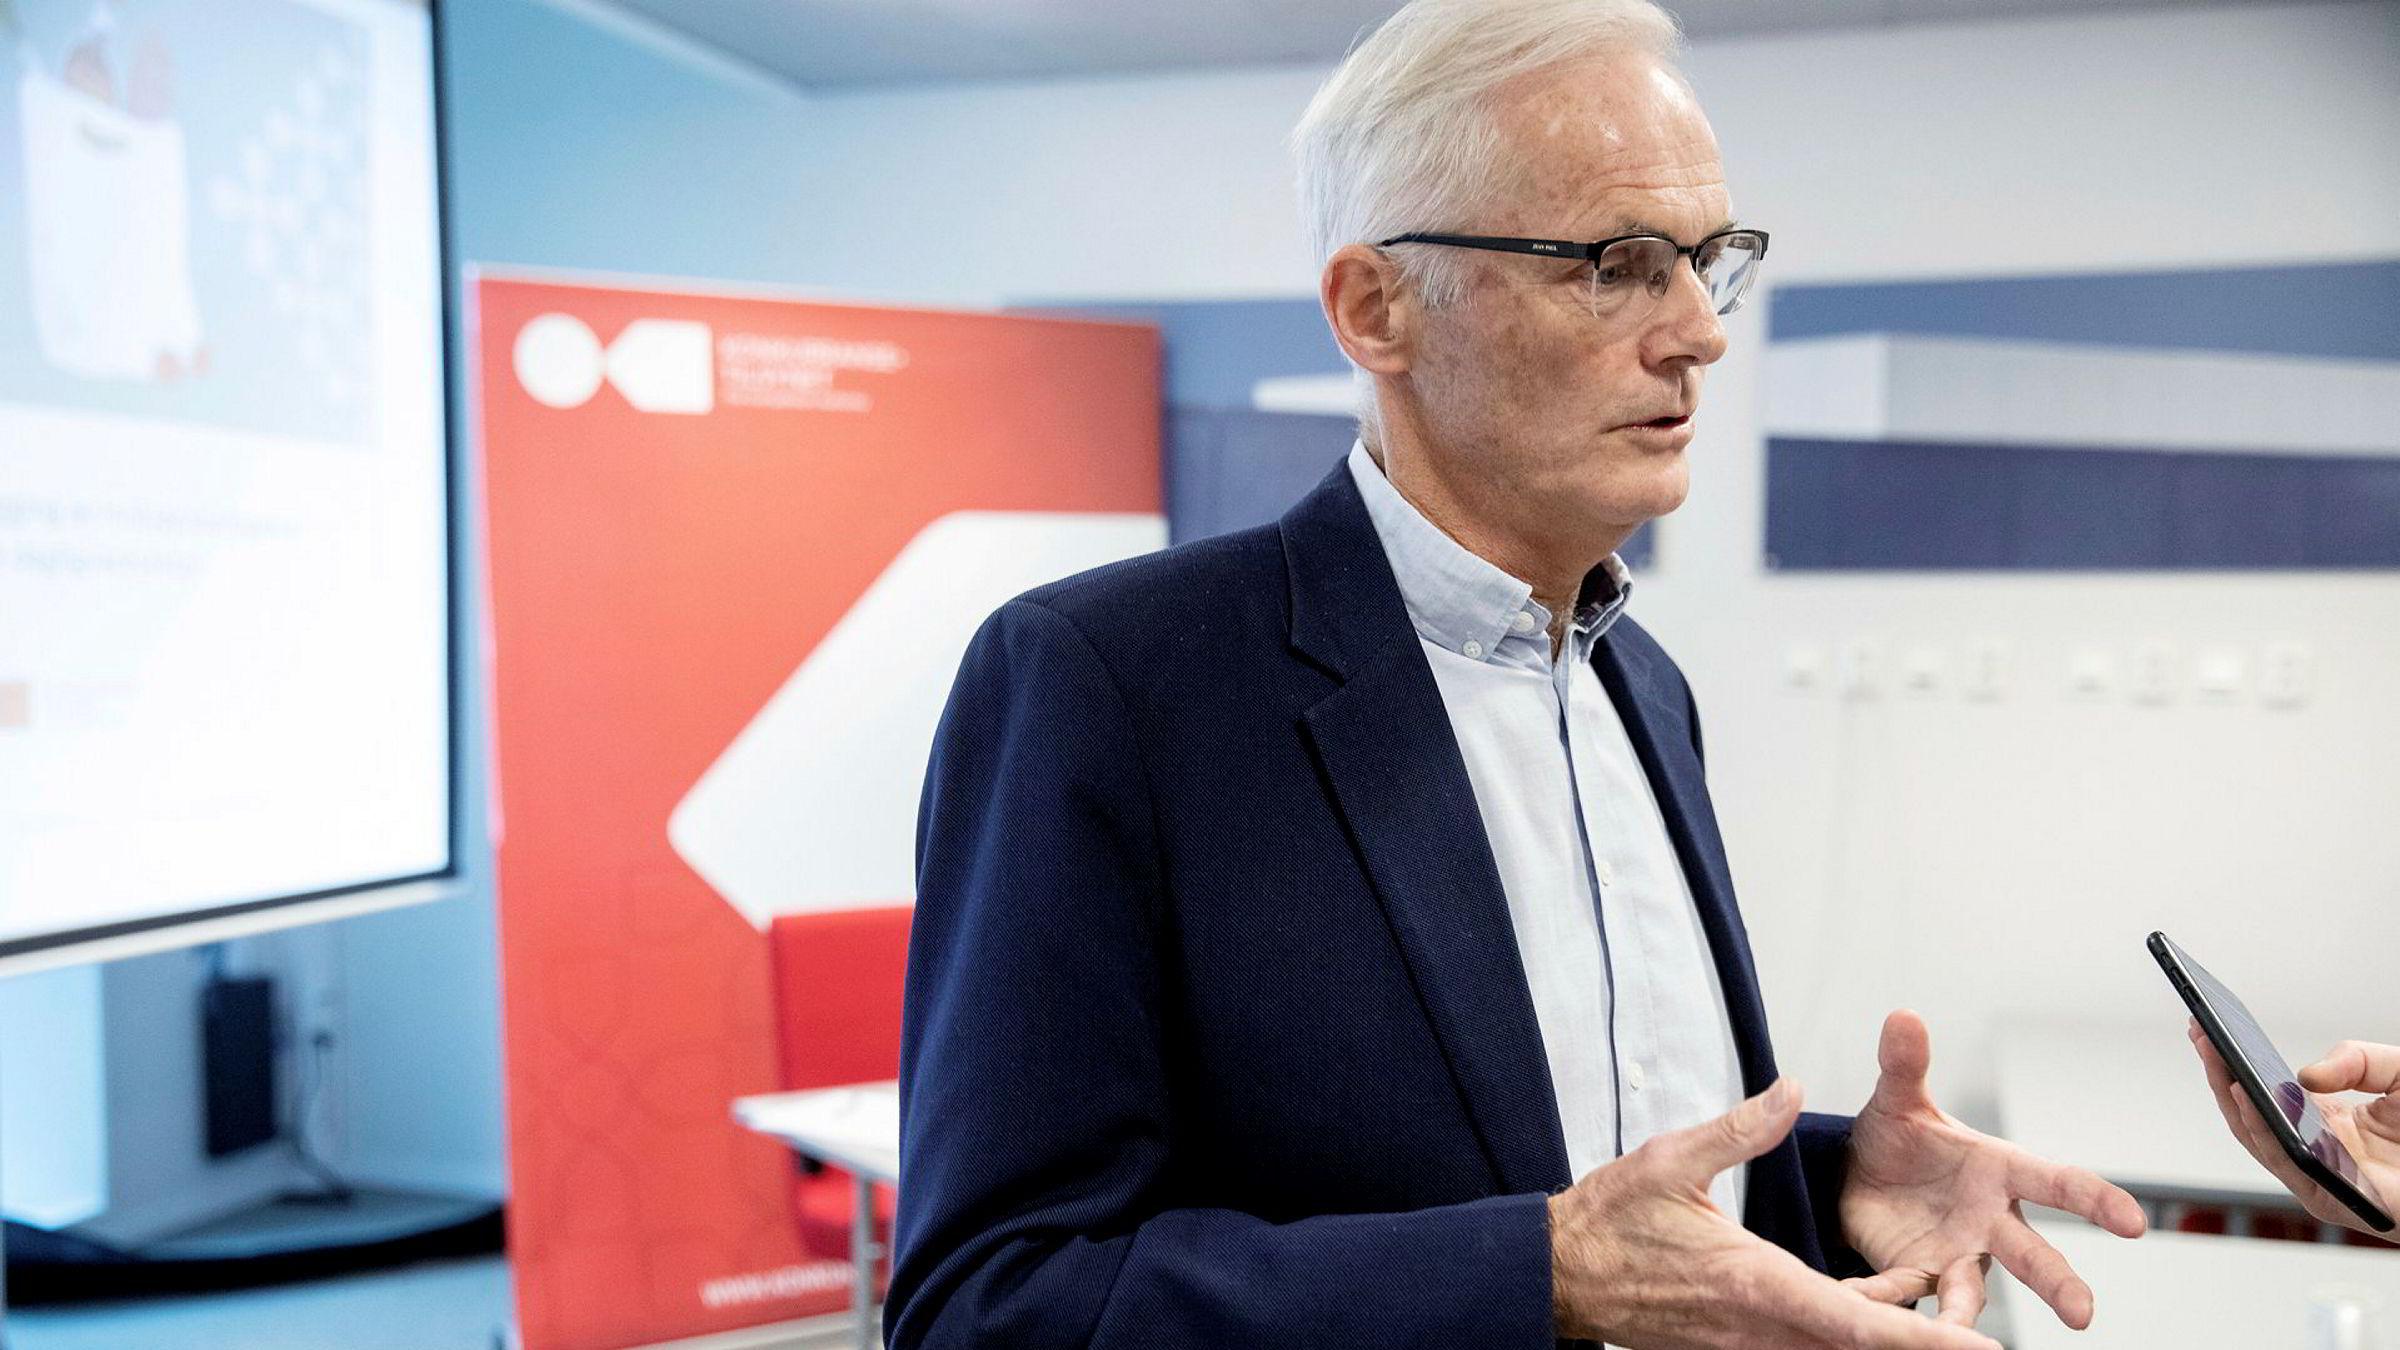 For å gå til et drastisk skritt som bevissikring, må vi ha et solid faktagrunnlag, skriver Lars Sørgard i innlegget. Her holder han pressekonferanse i Bergen 13. november etter razziaene mot dagligvarehandelen.